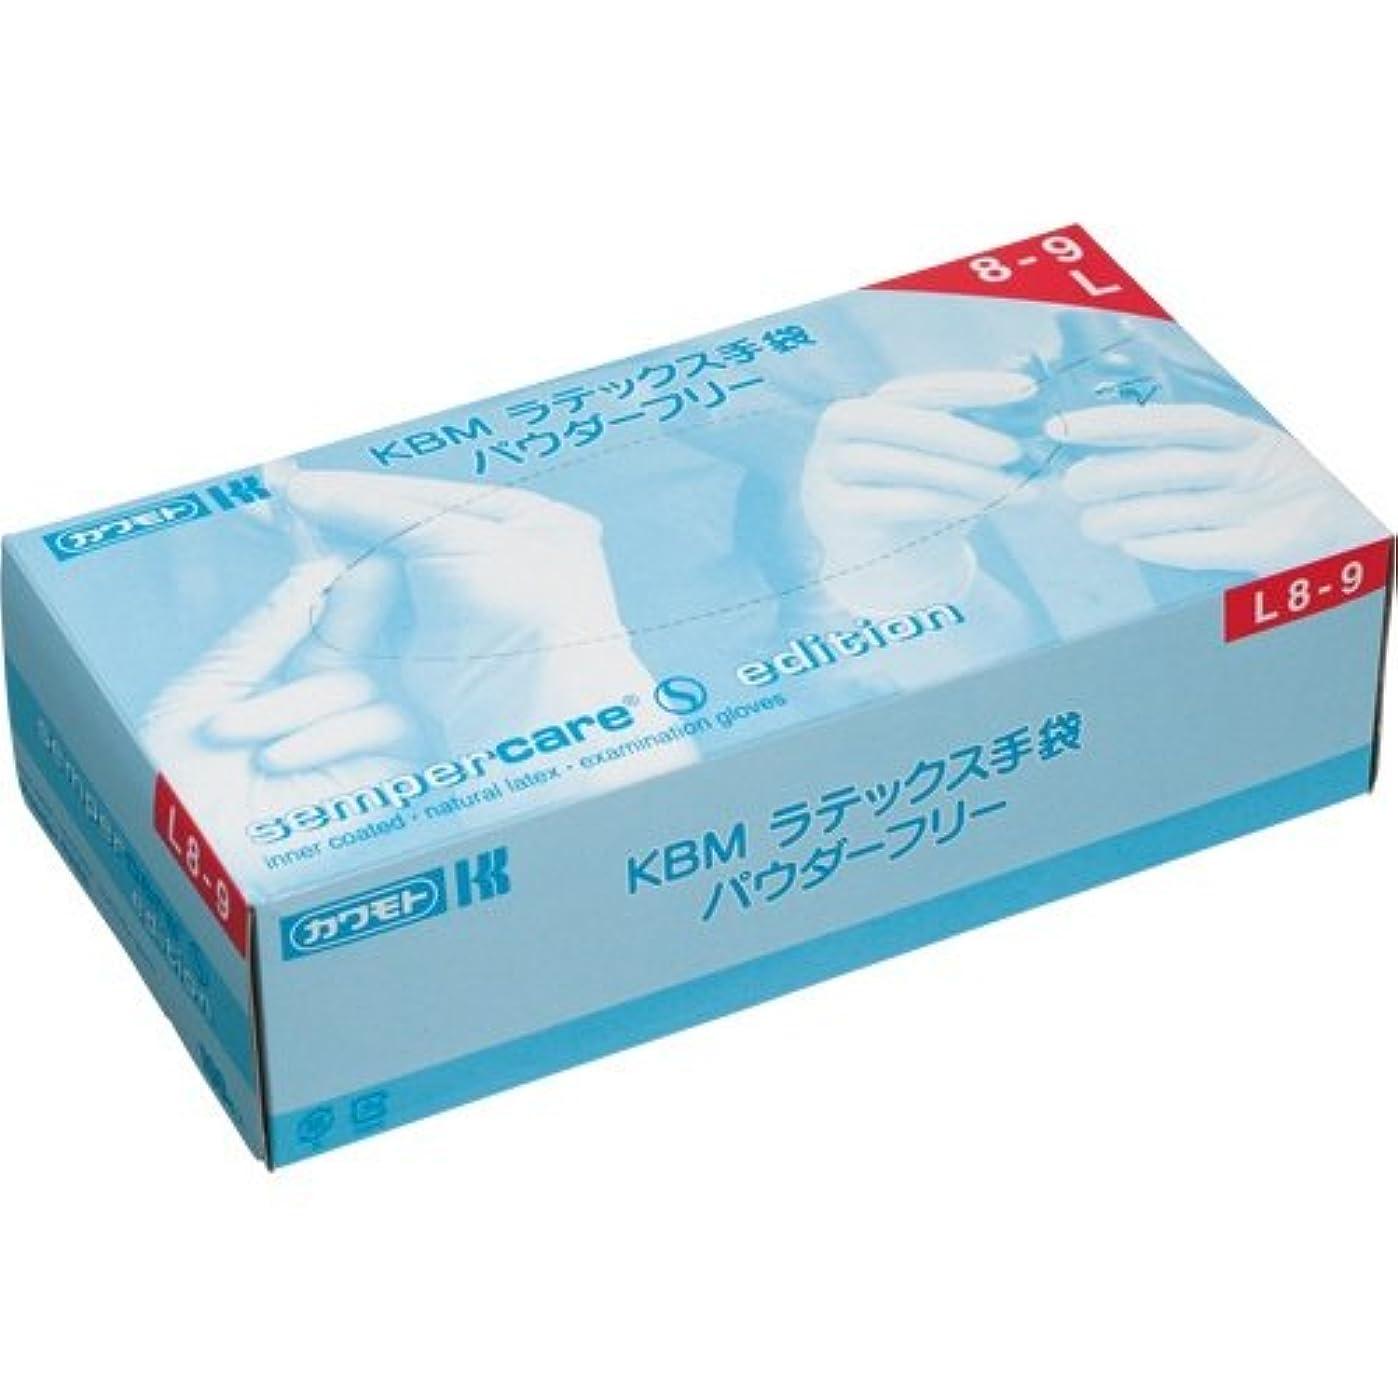 偽装するどうしたのミュウミュウカワモト KBM ラテックス手袋 パウダーフリー L 1セット(300枚:100枚×3箱)